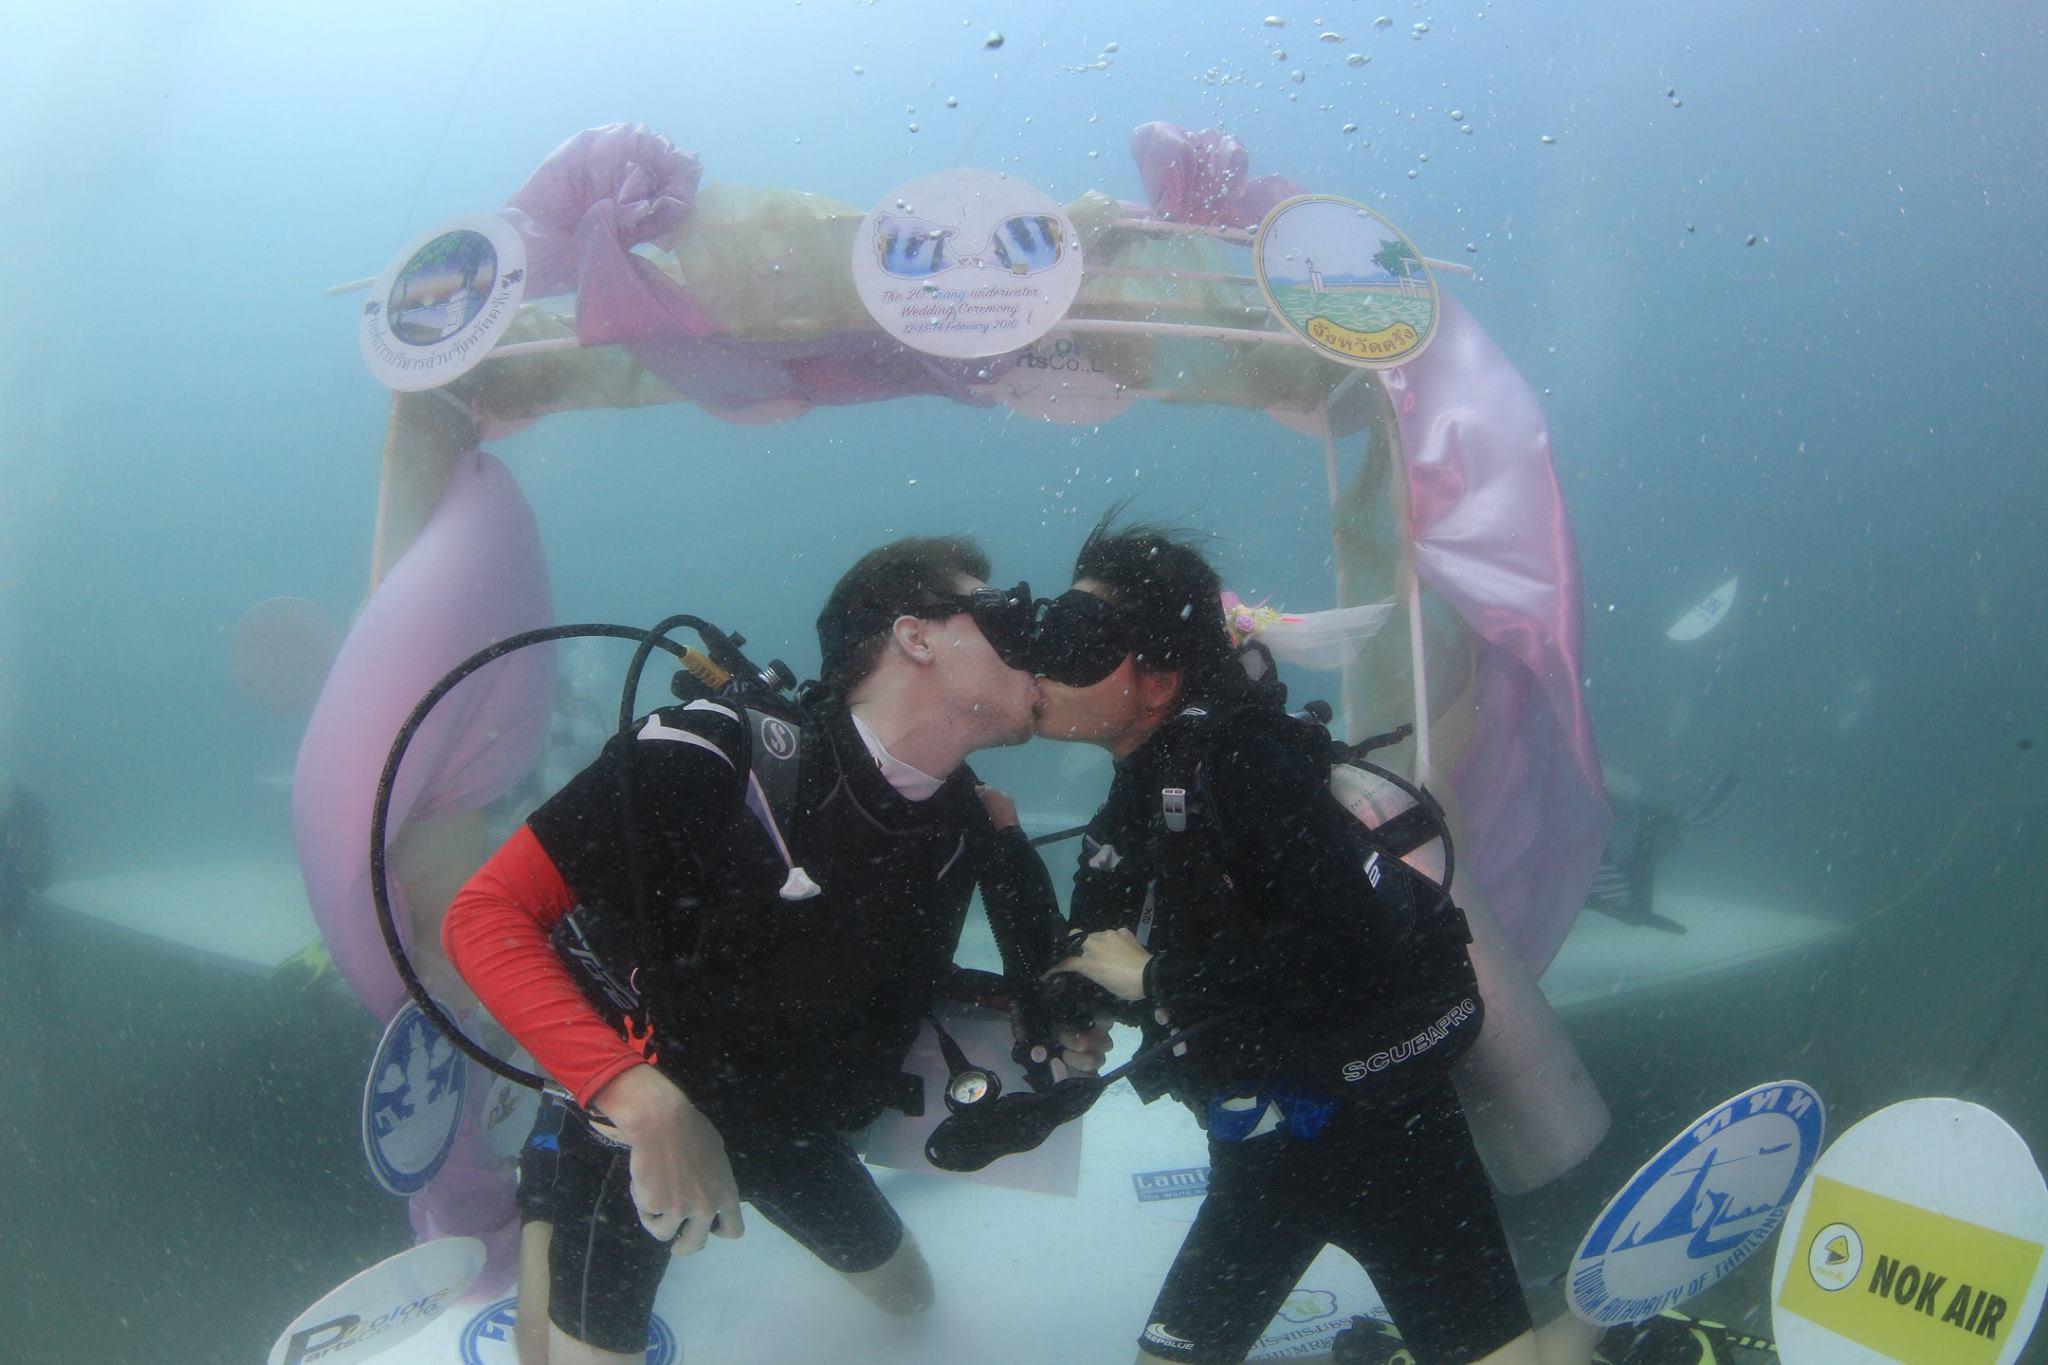 圖 片 來 源 :http://www.underwaterwedding.com/main.php